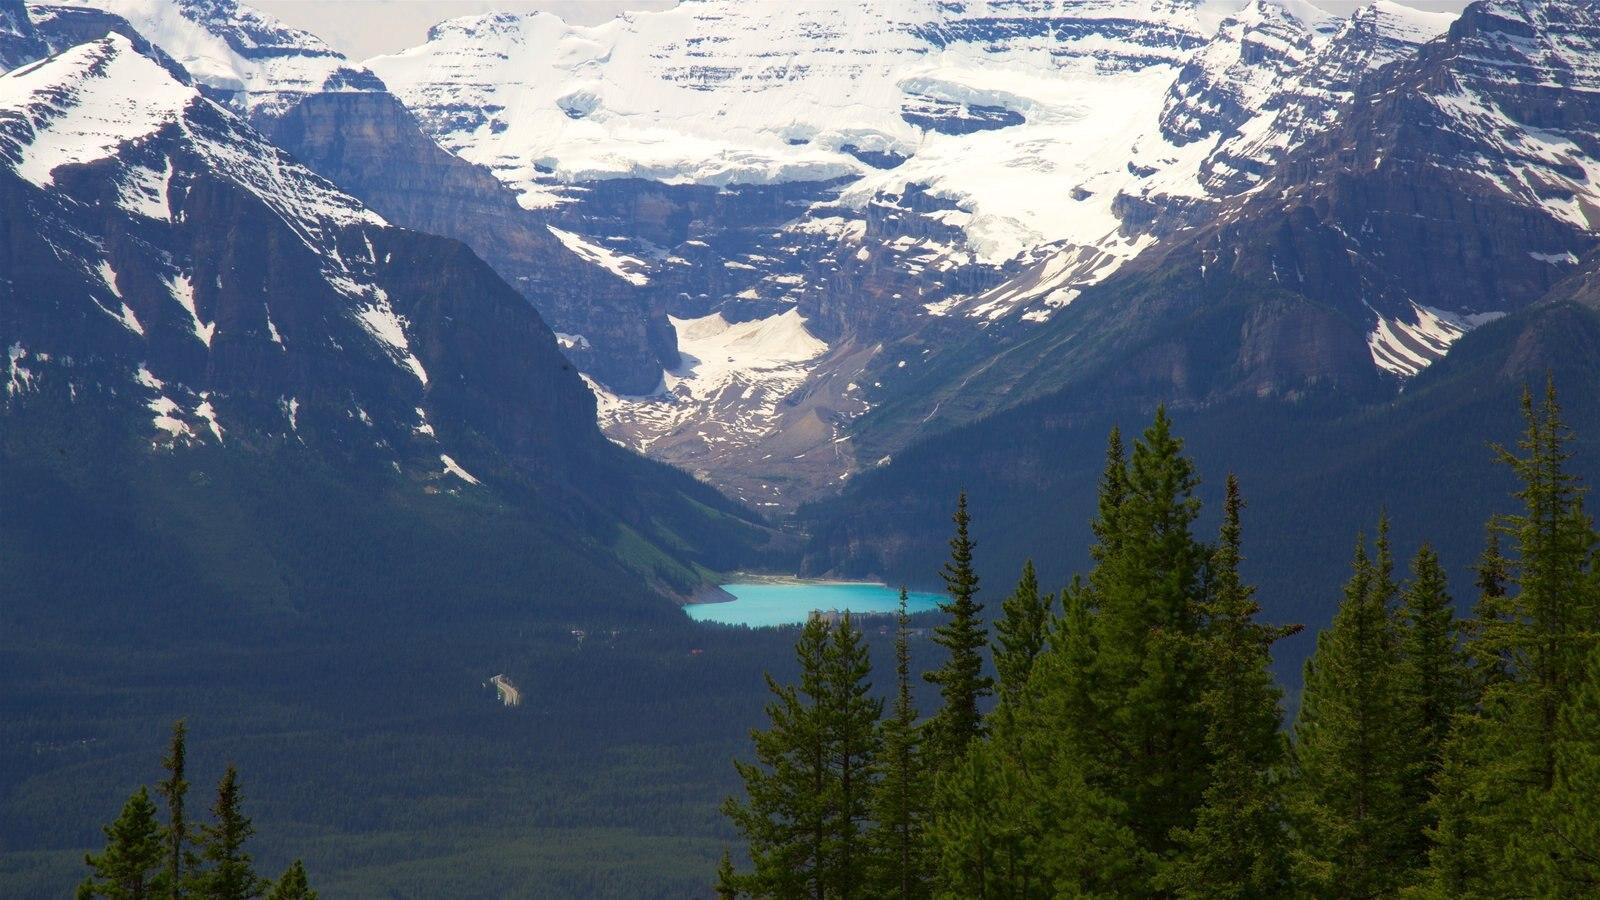 Funicular de Lake Louise ofreciendo un lago o abrevadero, nieve y escenas tranquilas